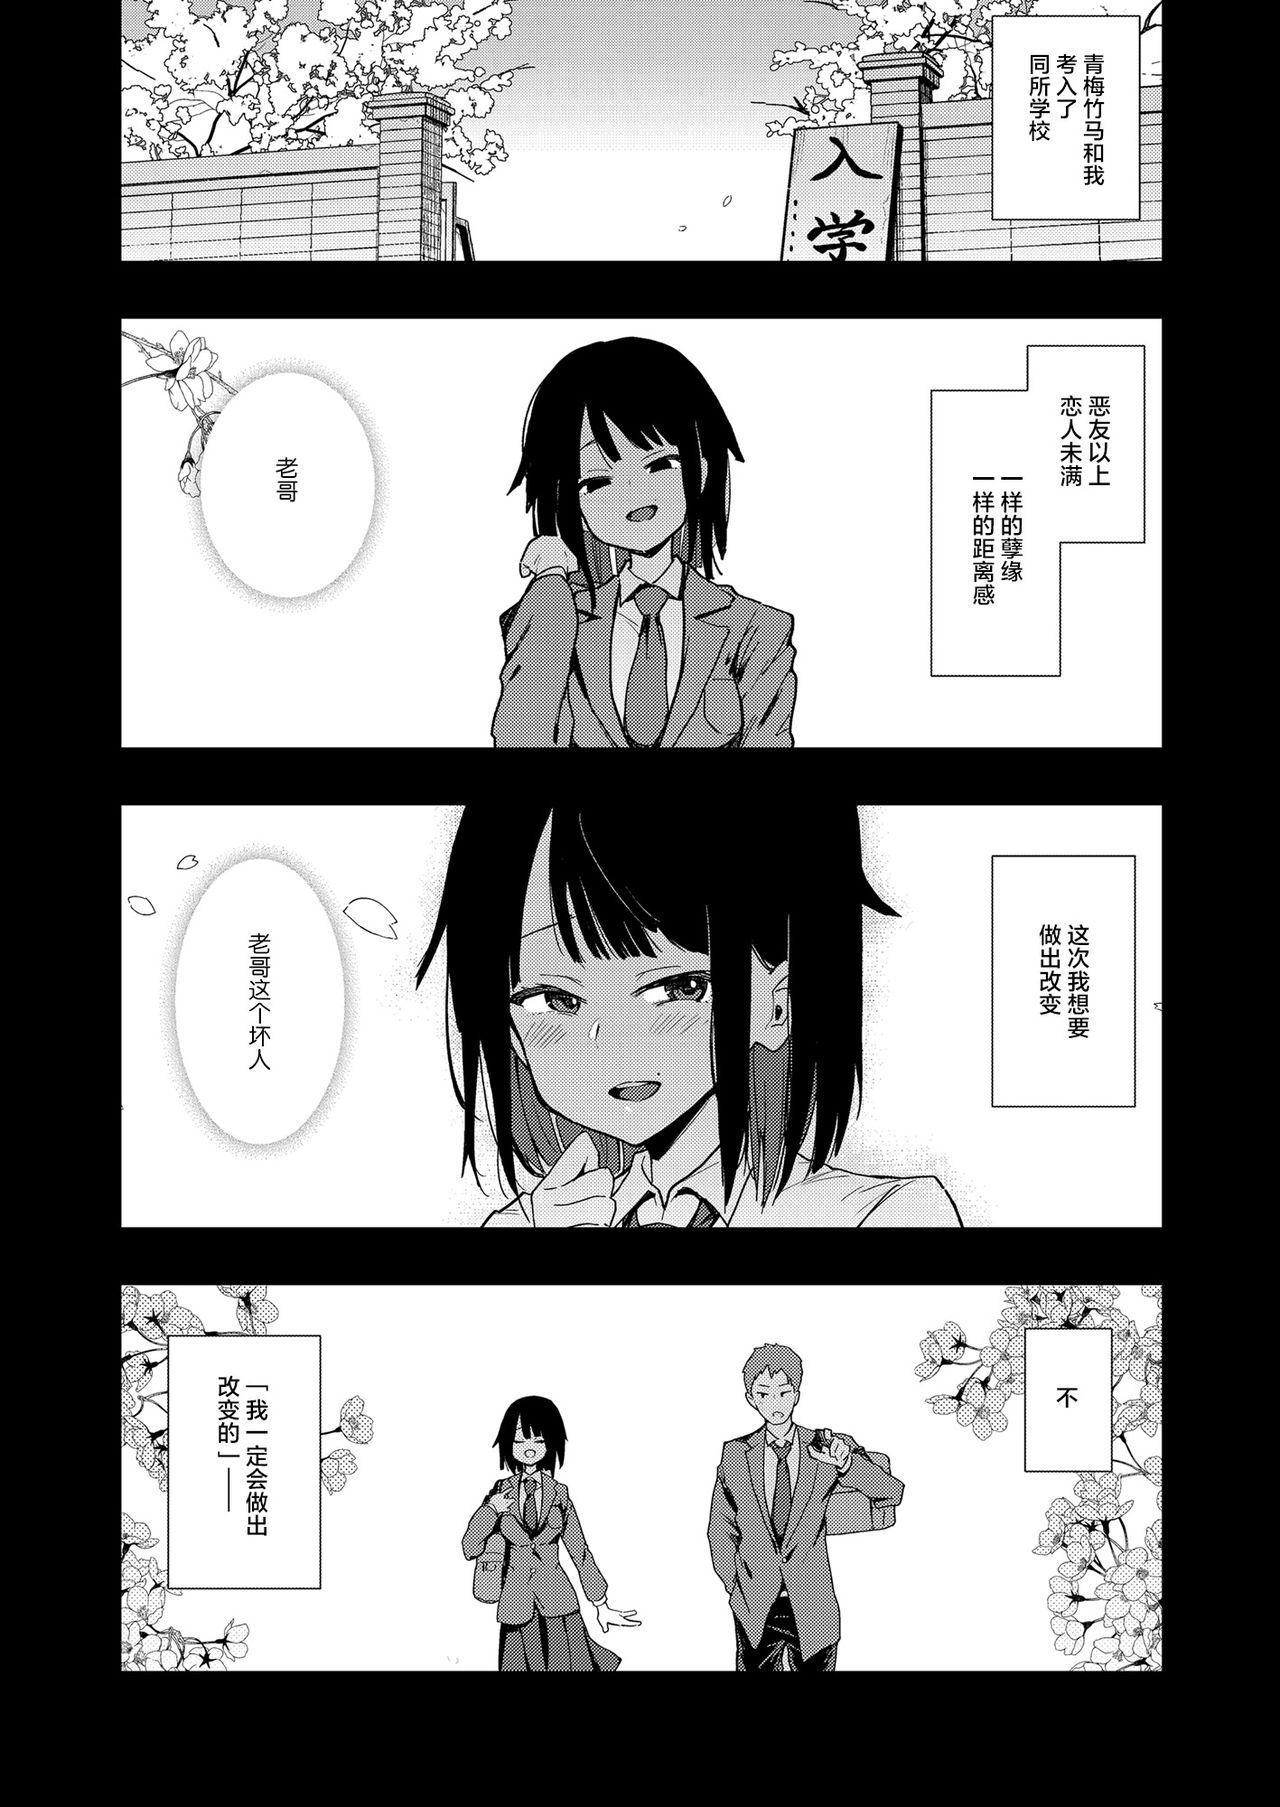 Chouko III Akuyuu Ijou Koibito Miman no Osananajimi ga Shiranai Tokoro de Yarichin ni Hamerare Seirinri o Kanzen Hakai sareru made 2